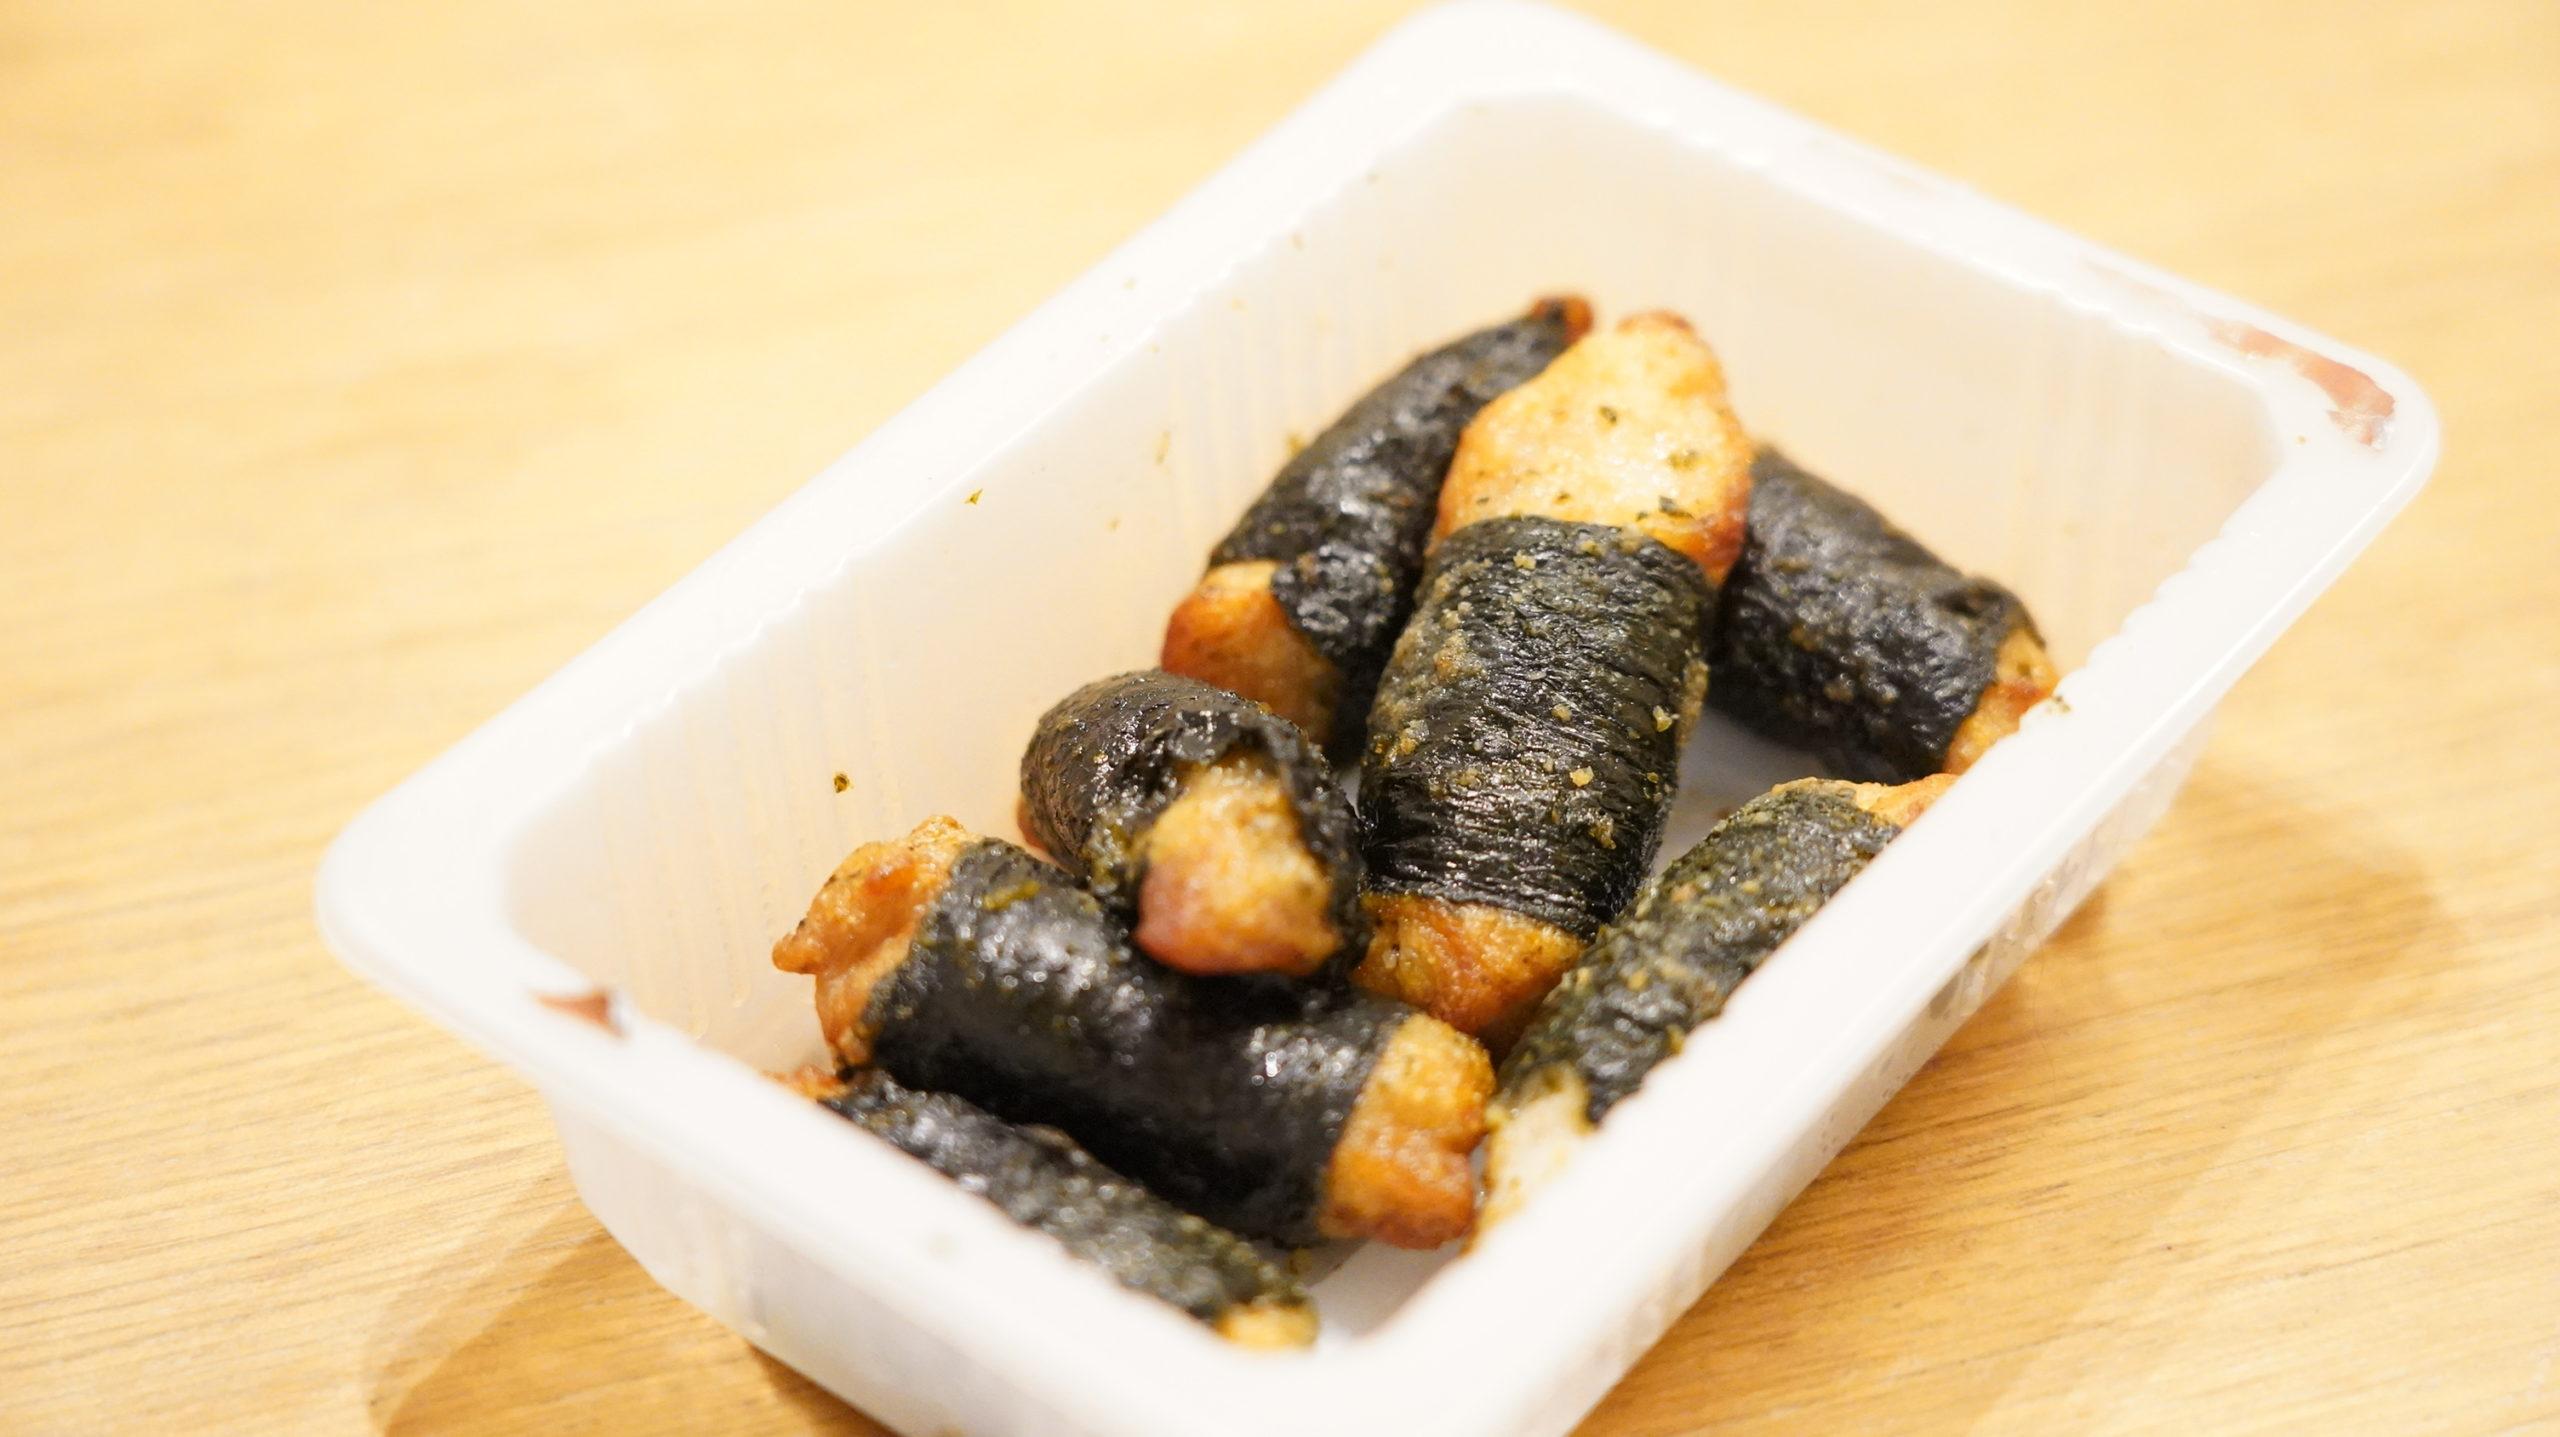 セブンイレブンの冷凍食品「和風にんにく風味・海苔巻きチキン」の中身の写真